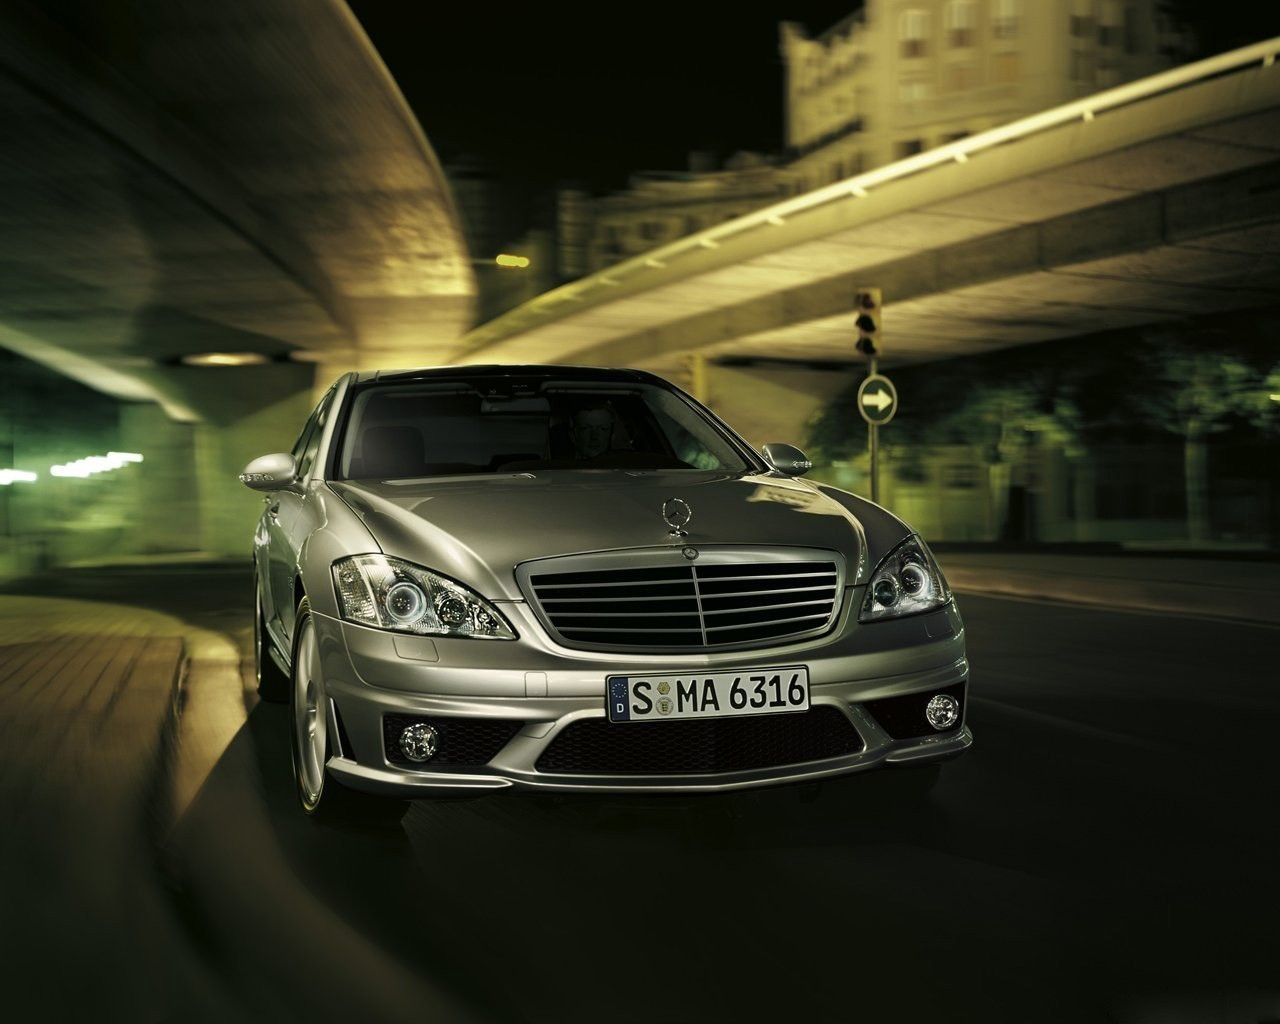 38267 скачать обои Транспорт, Машины, Мерседес (Mercedes) - заставки и картинки бесплатно